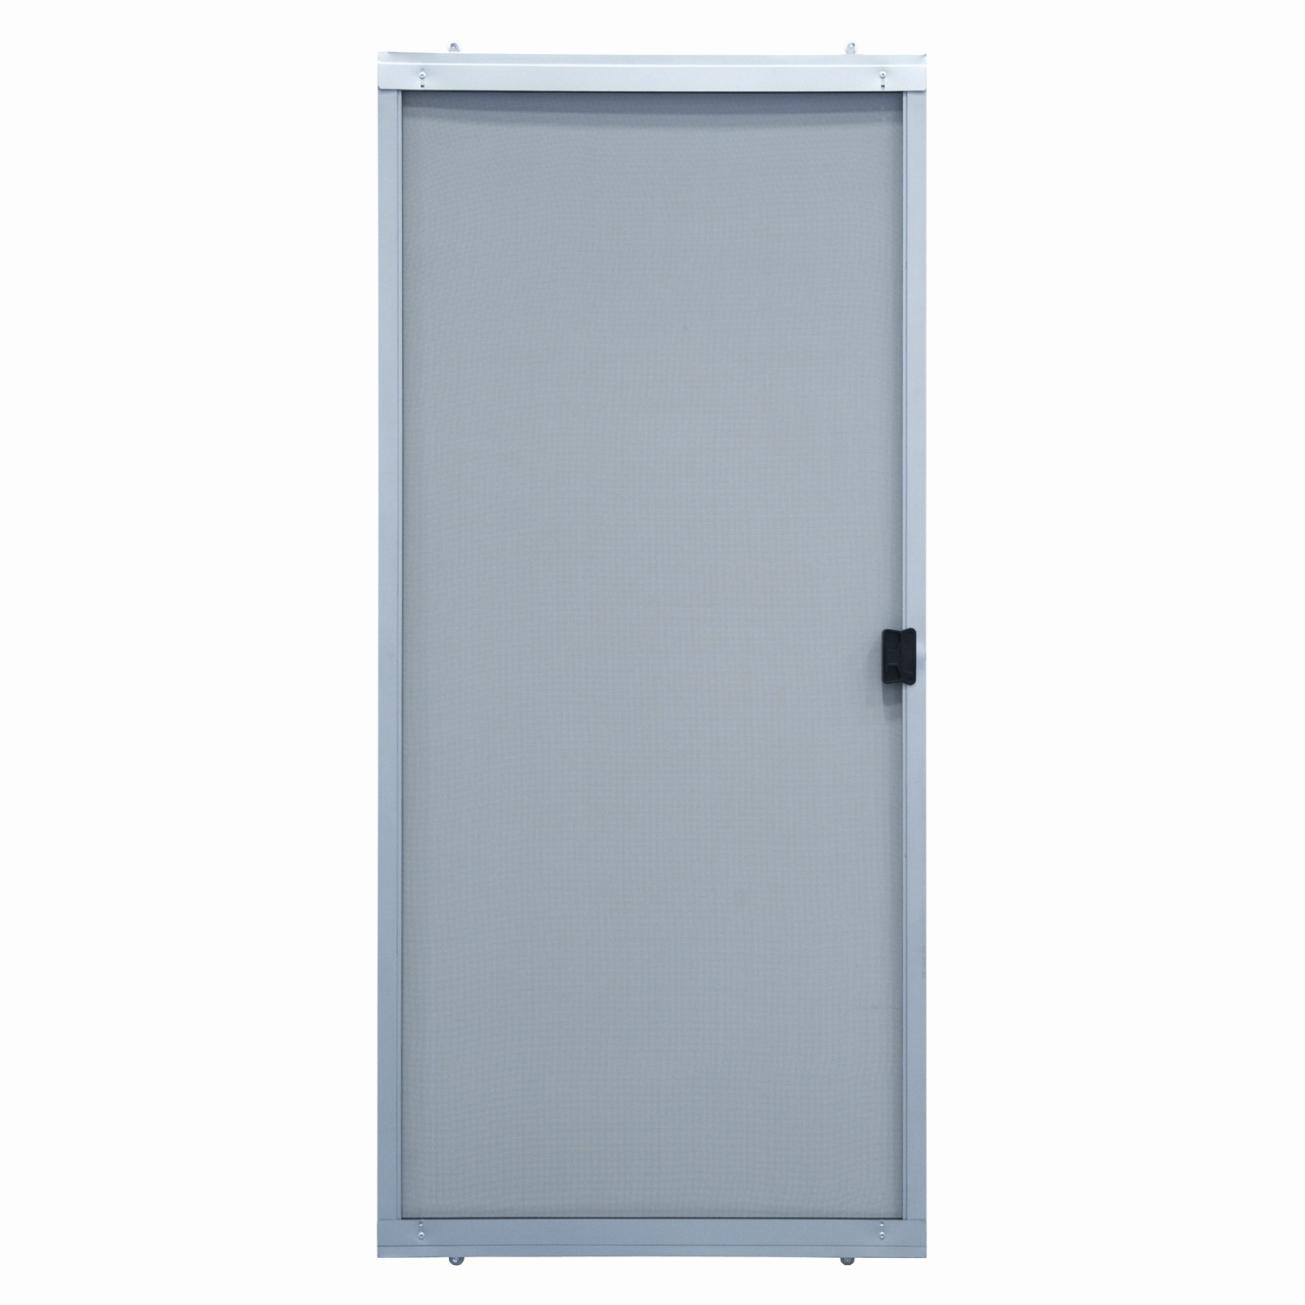 Ace Hardware Sliding Closet Doors